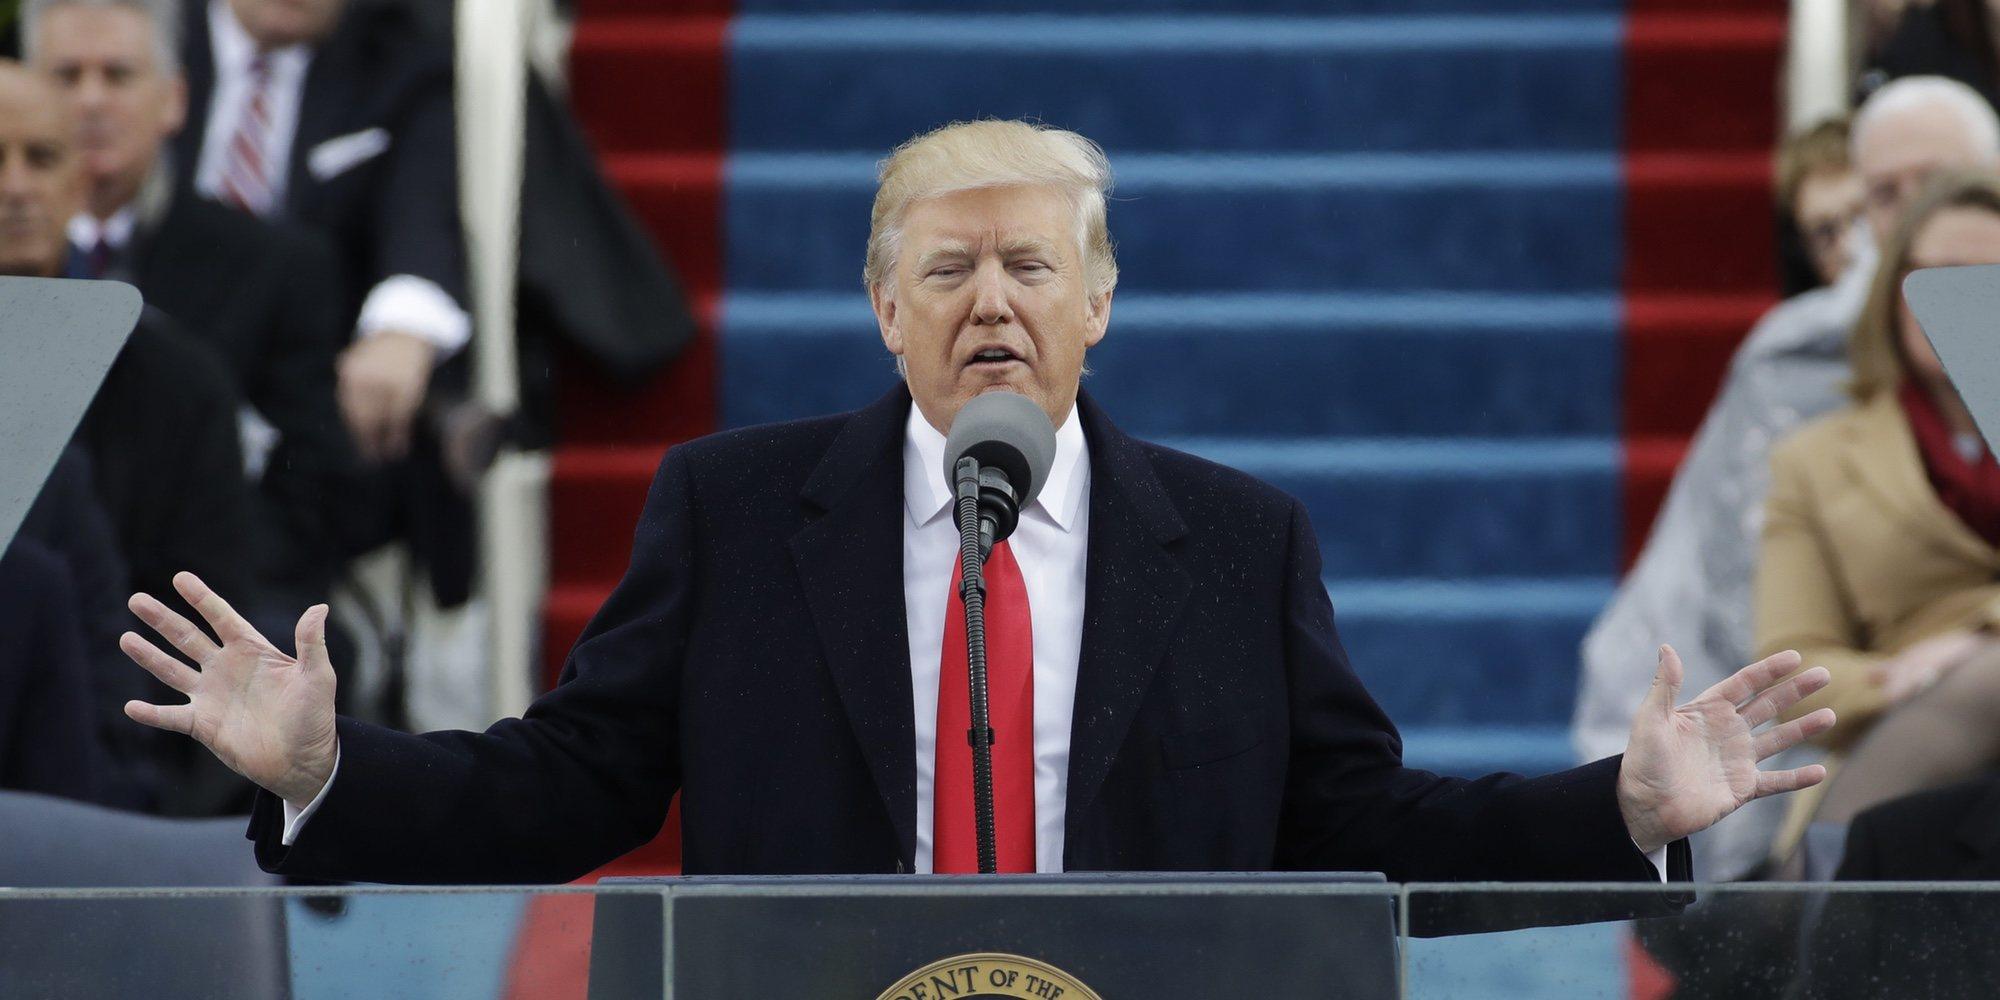 """Donald Trump responde a las palabras de Robert De Niro en los Premios Tony: """"Está atontado por los golpes"""""""